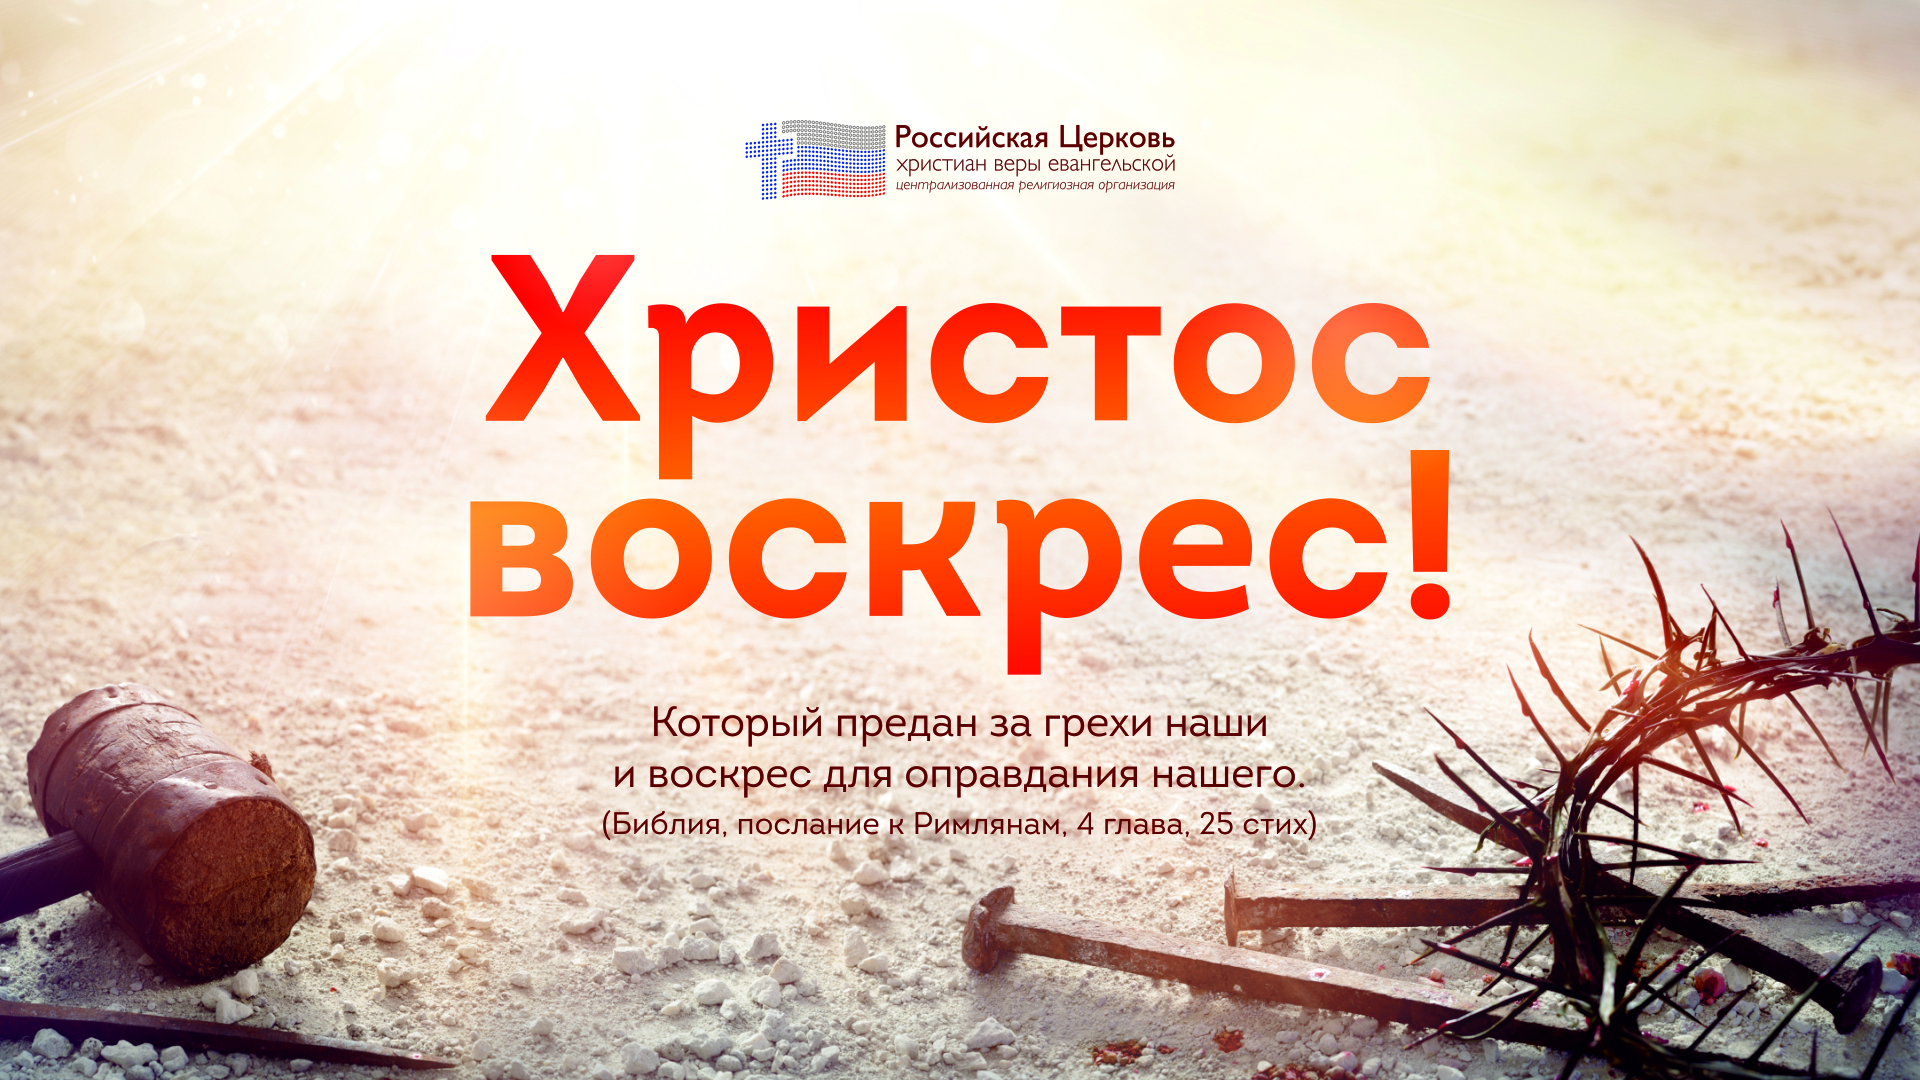 Начальствующий епископ Российской Церкви христиан веры евангельской Эдуард Грабовенко поздравил со светлым праздником Пасхи, воскресением Господа Иисуса Христа